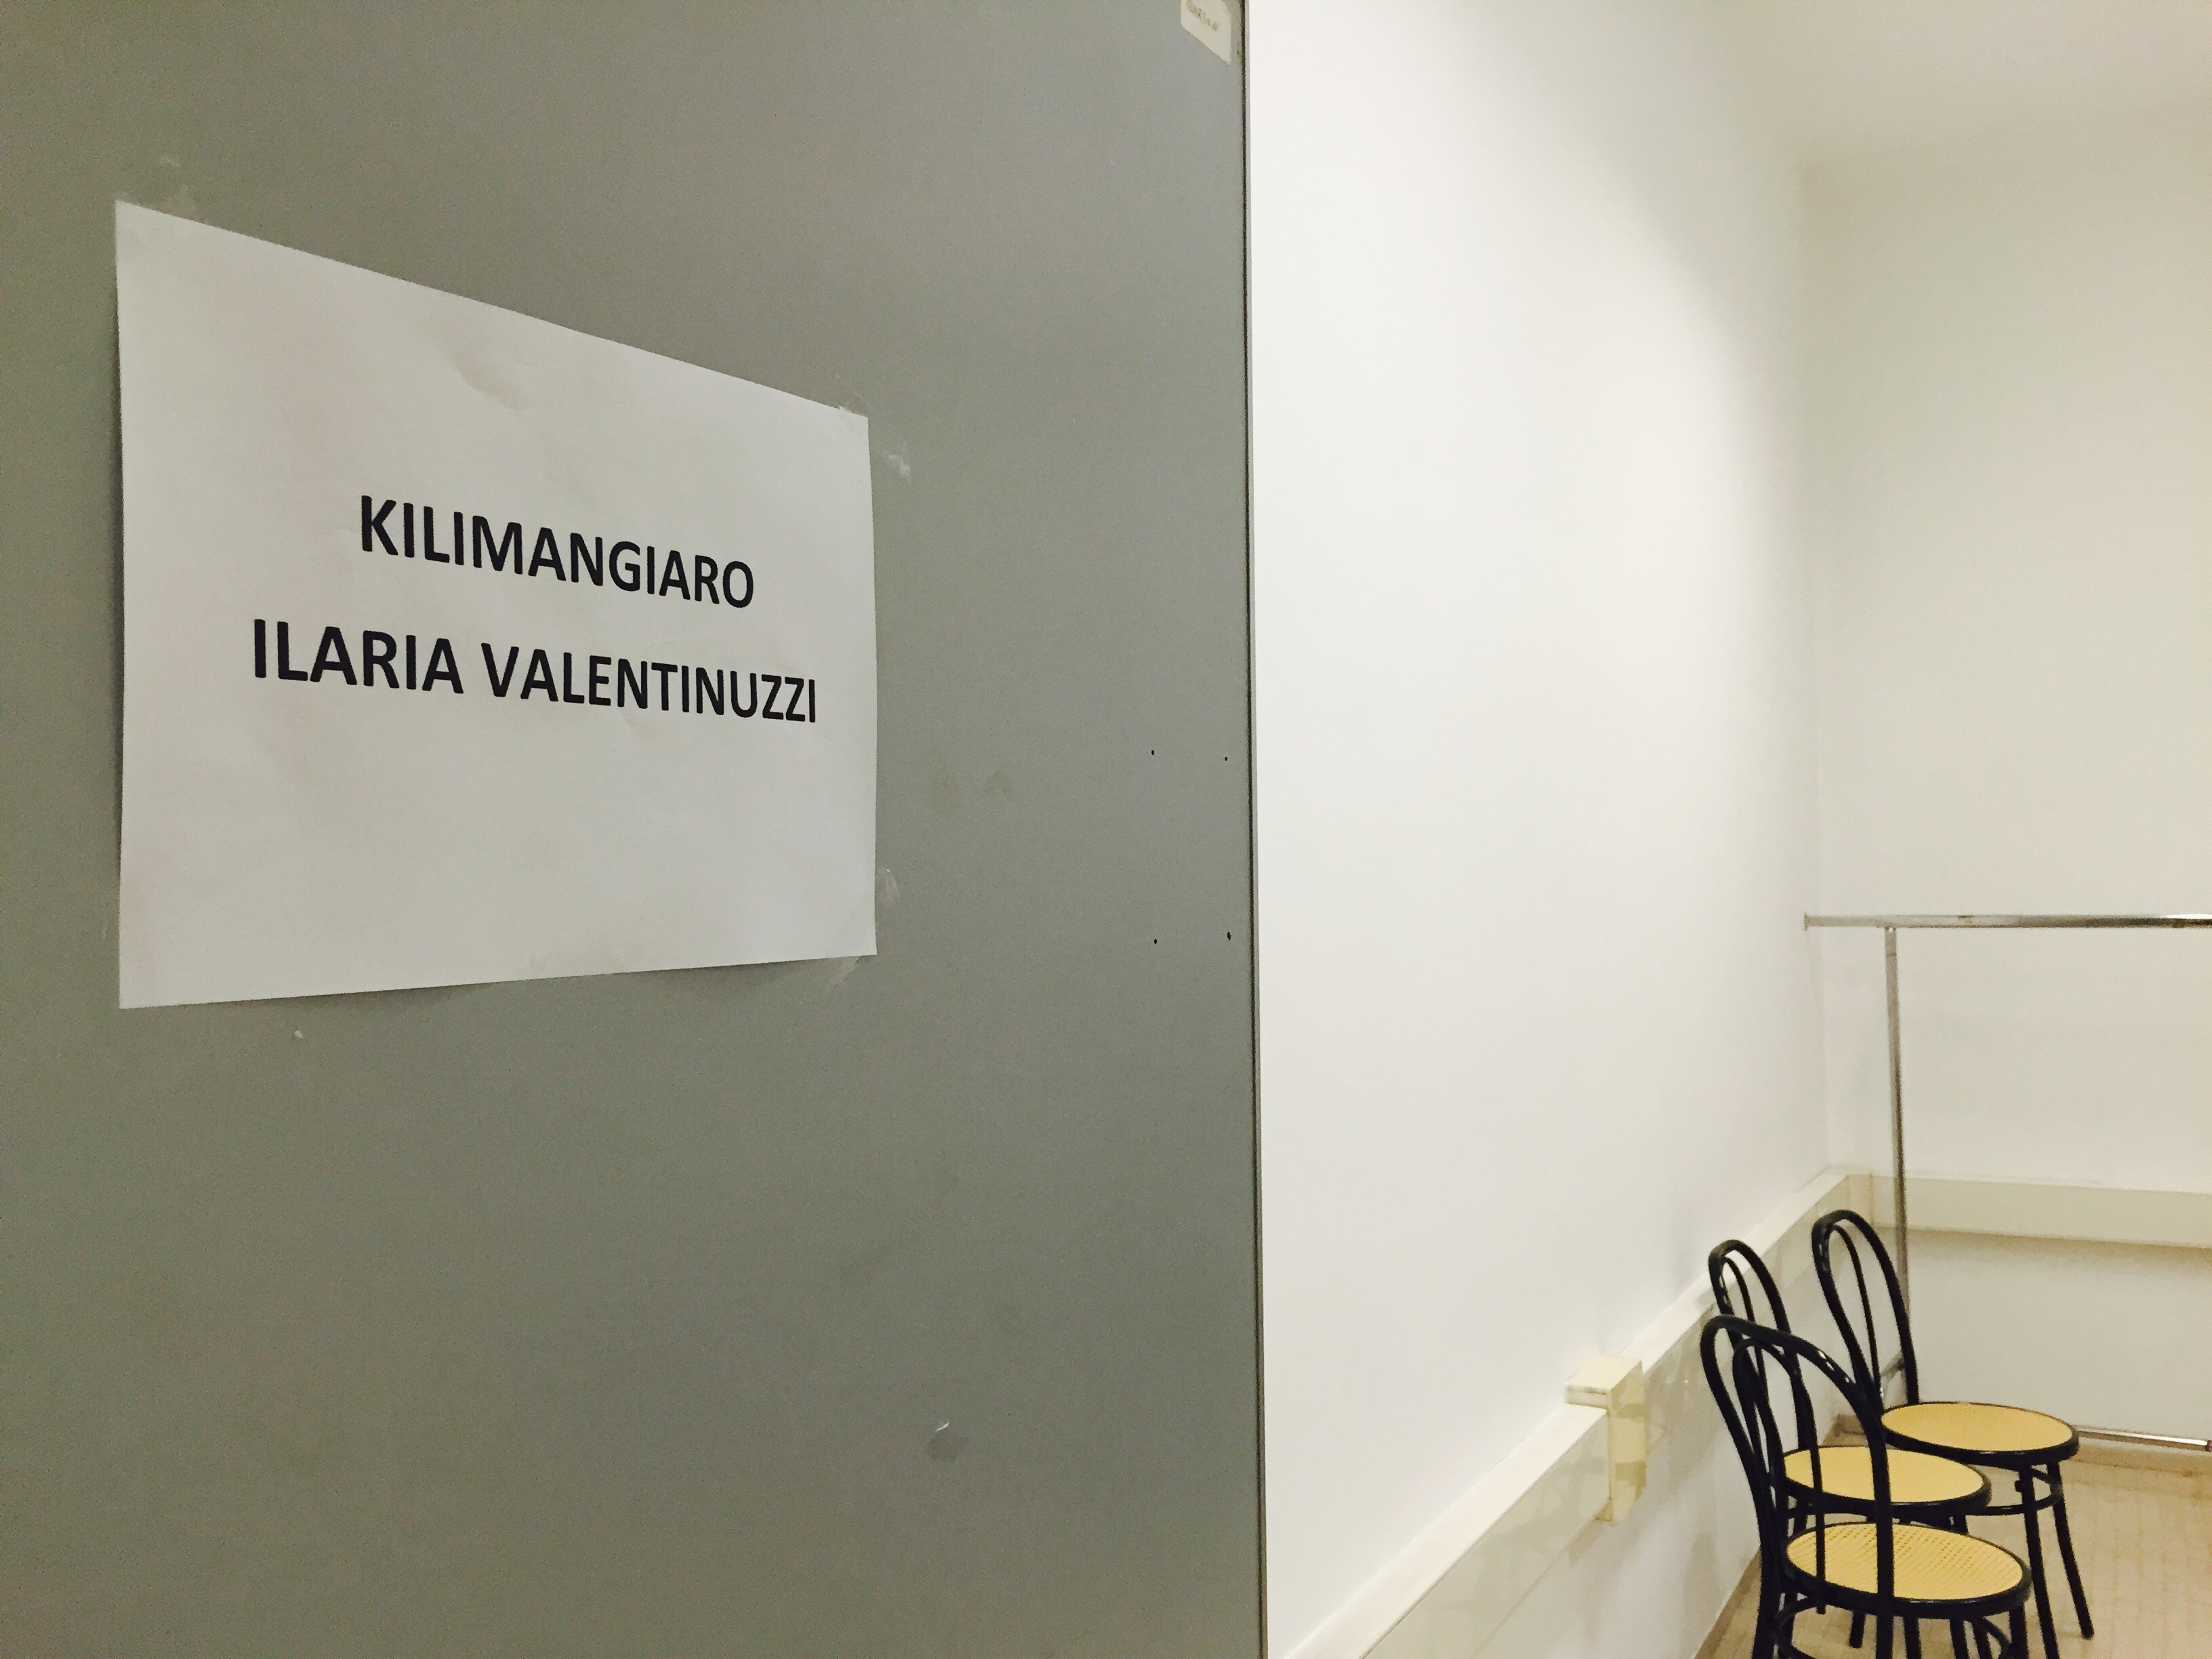 camerino-kilimangiaro-alle-falde-rai-ilaria-valentinuzzi-non-si-dice-piacere-galateo-mondo-internazionale-presentazioni-expo